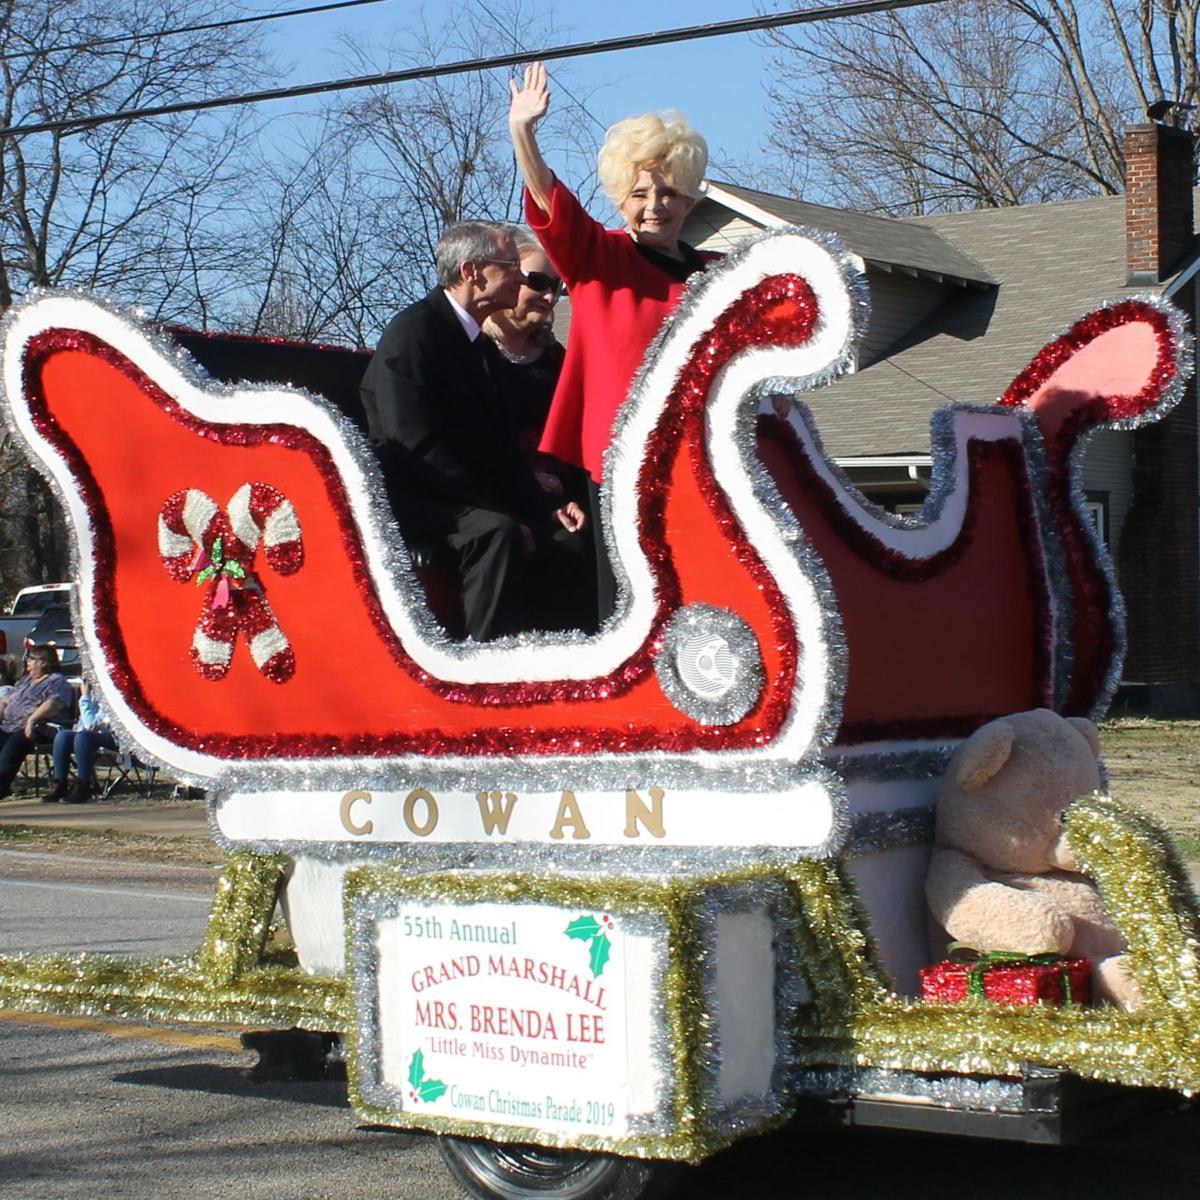 Cowan Tn Christmas Parade 2020 Cowan Christmas Parade brings holiday cheer | Local News